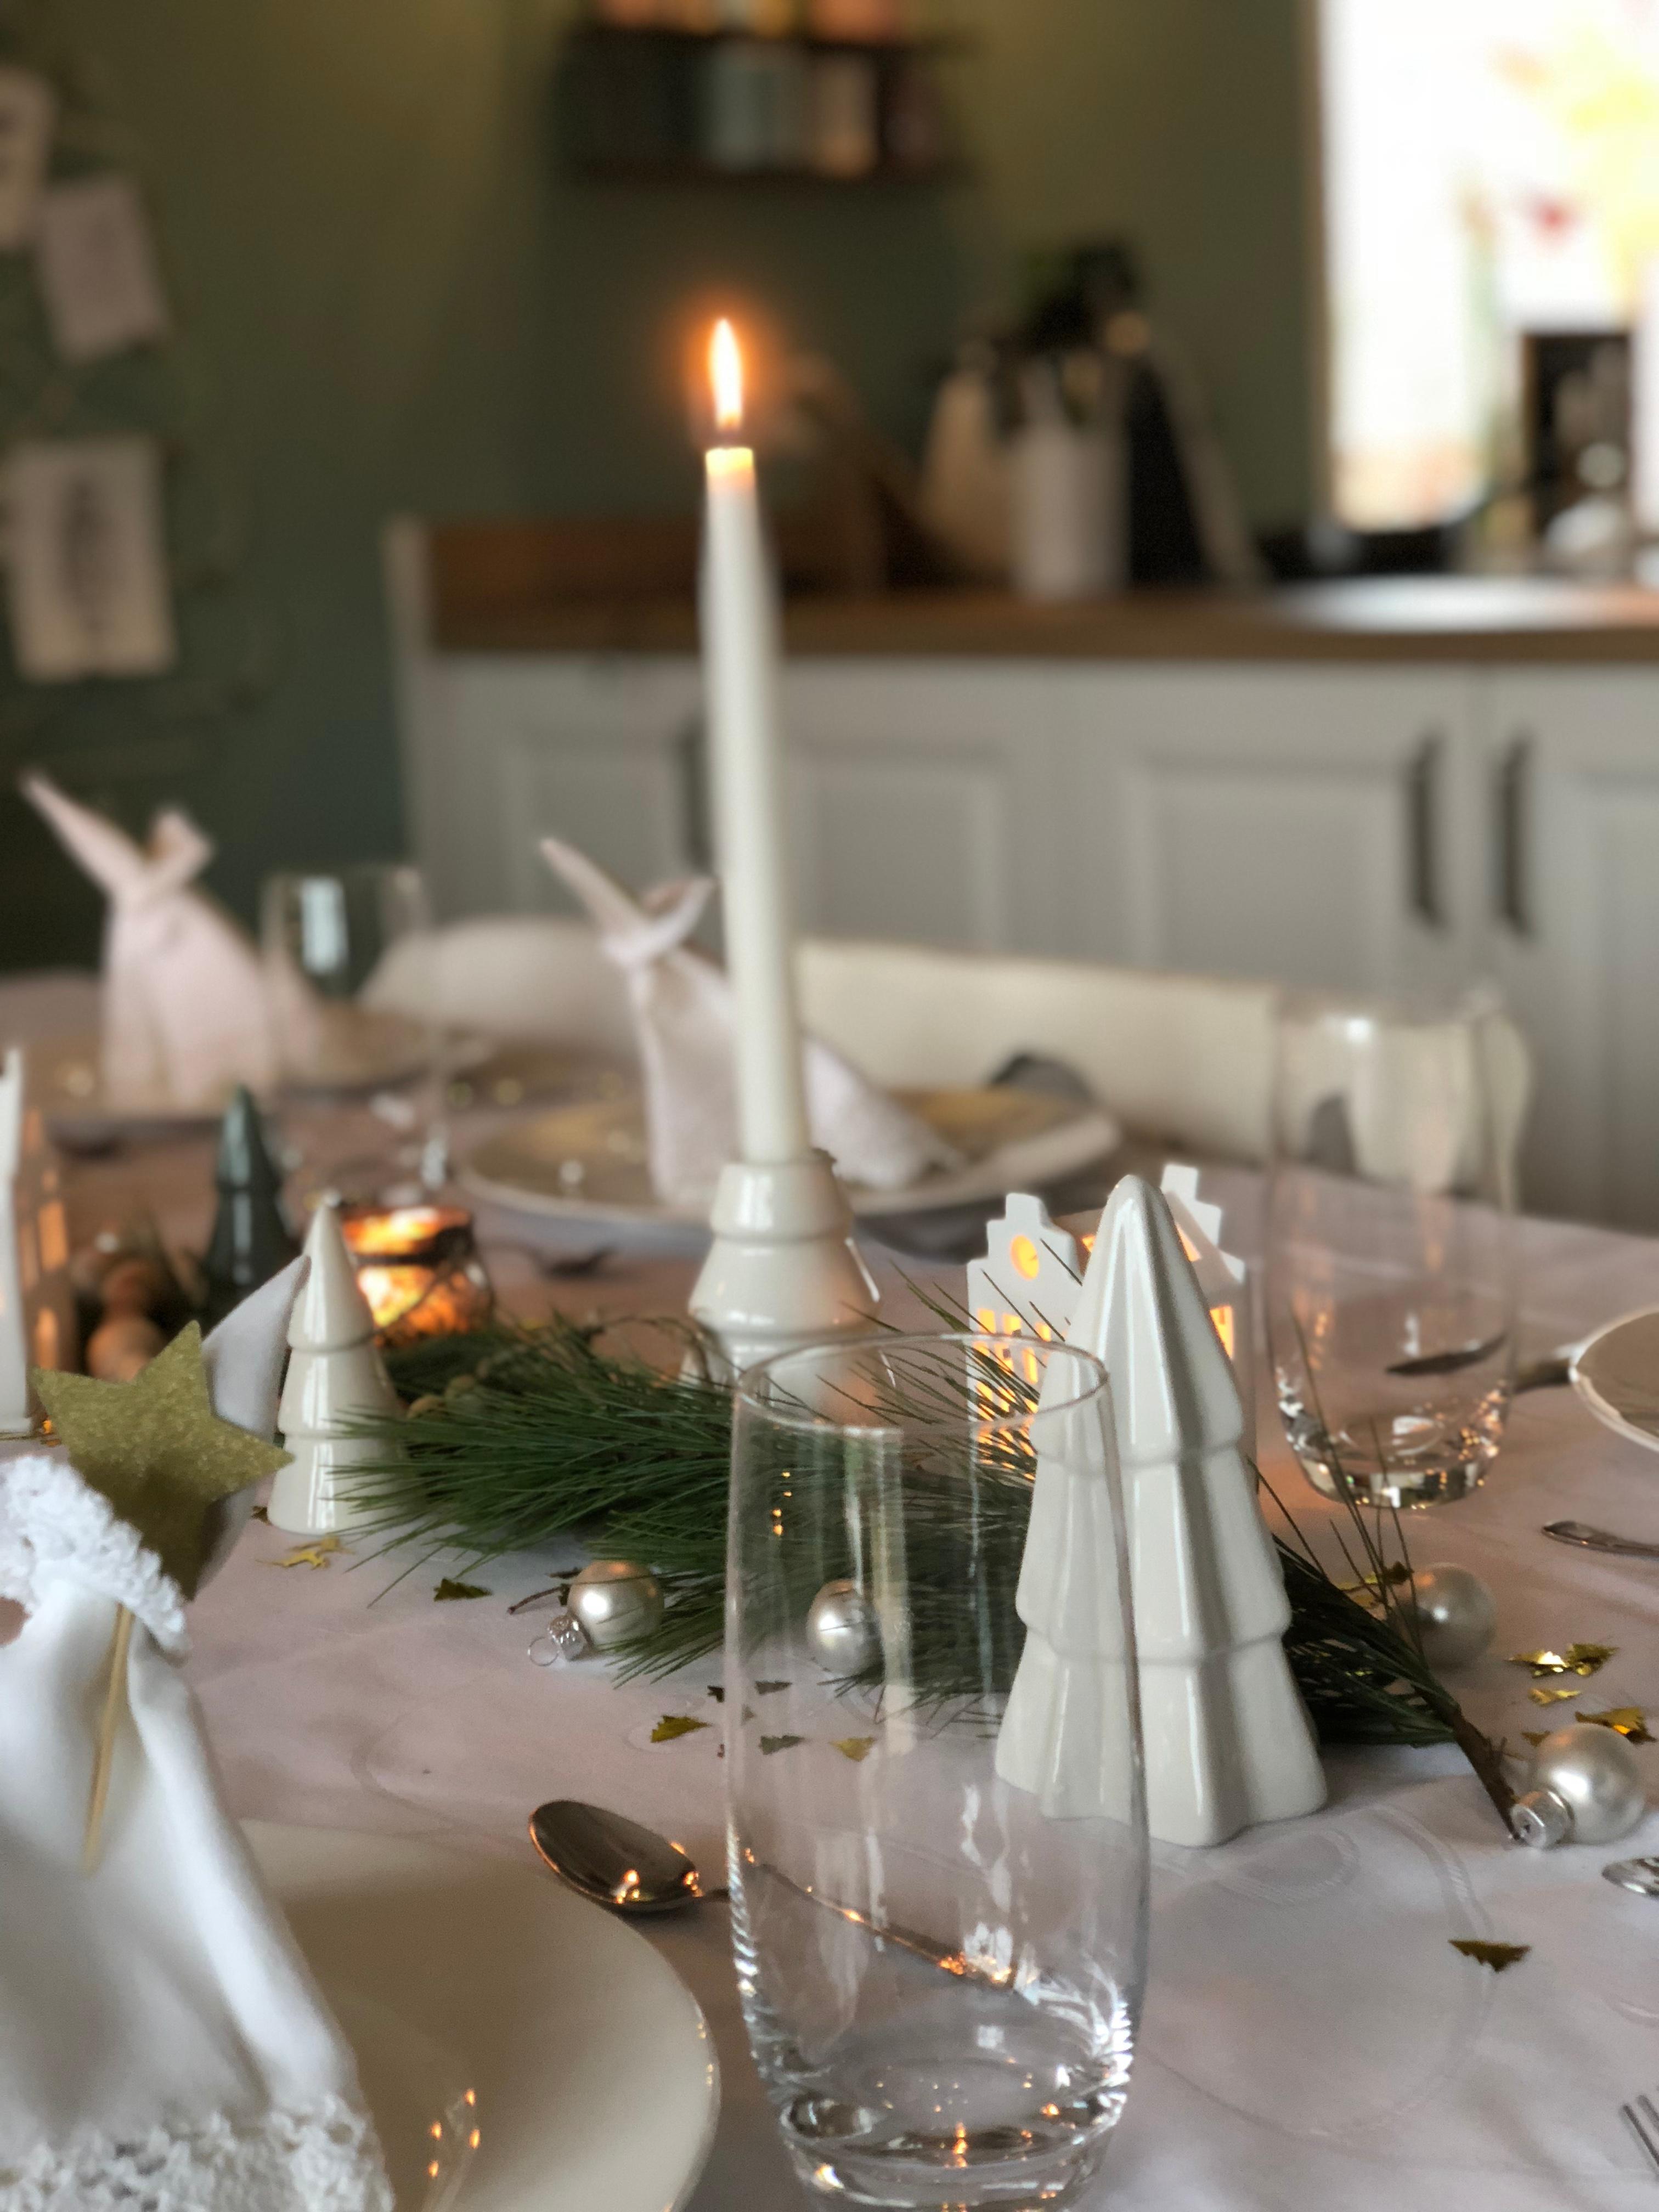 Tischdeko Fur Den Winter Spannende Ideen Aus Der Community